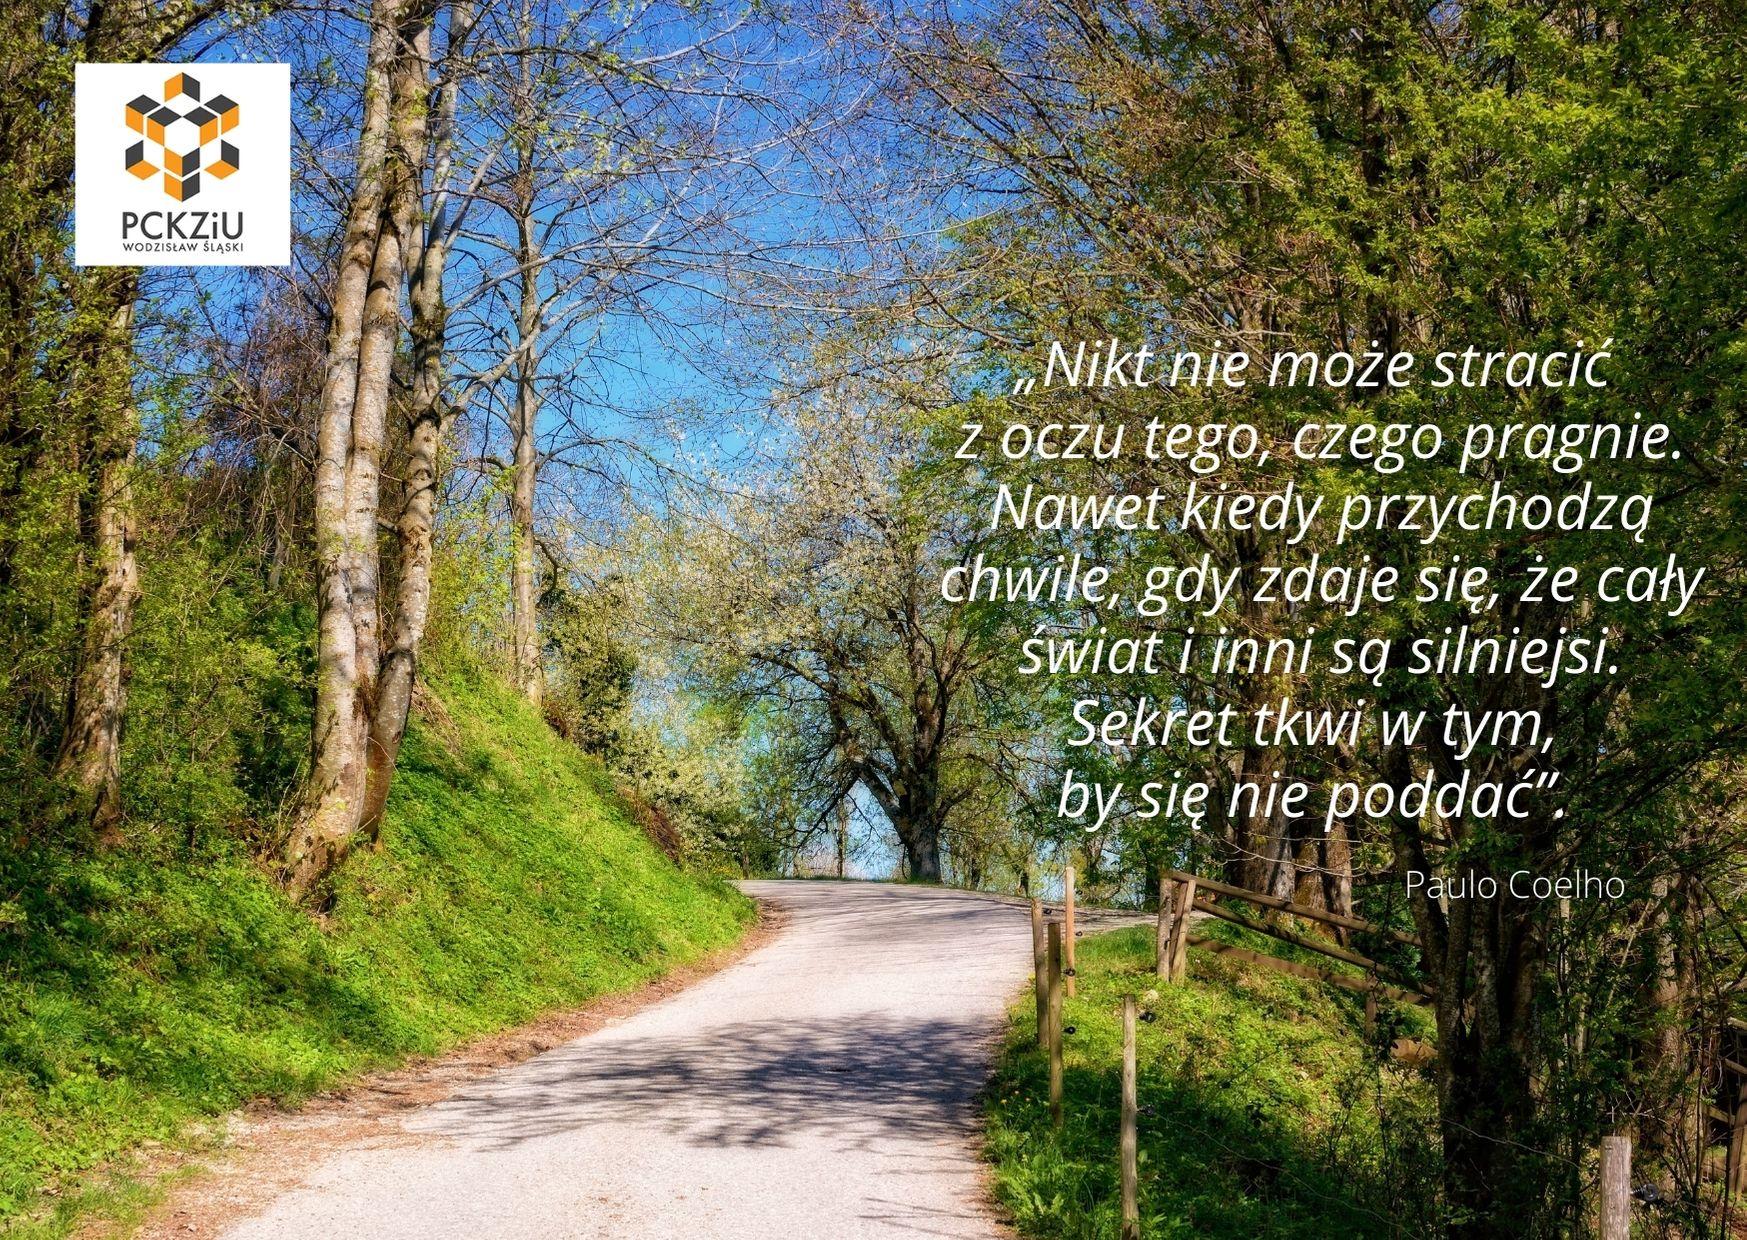 Ilustracja graficzna do wiersza Paulo Coelho występującego w życzeniach Pani Dyrektor dla maturzystów: jasna słoneczna droga wśród brzóz